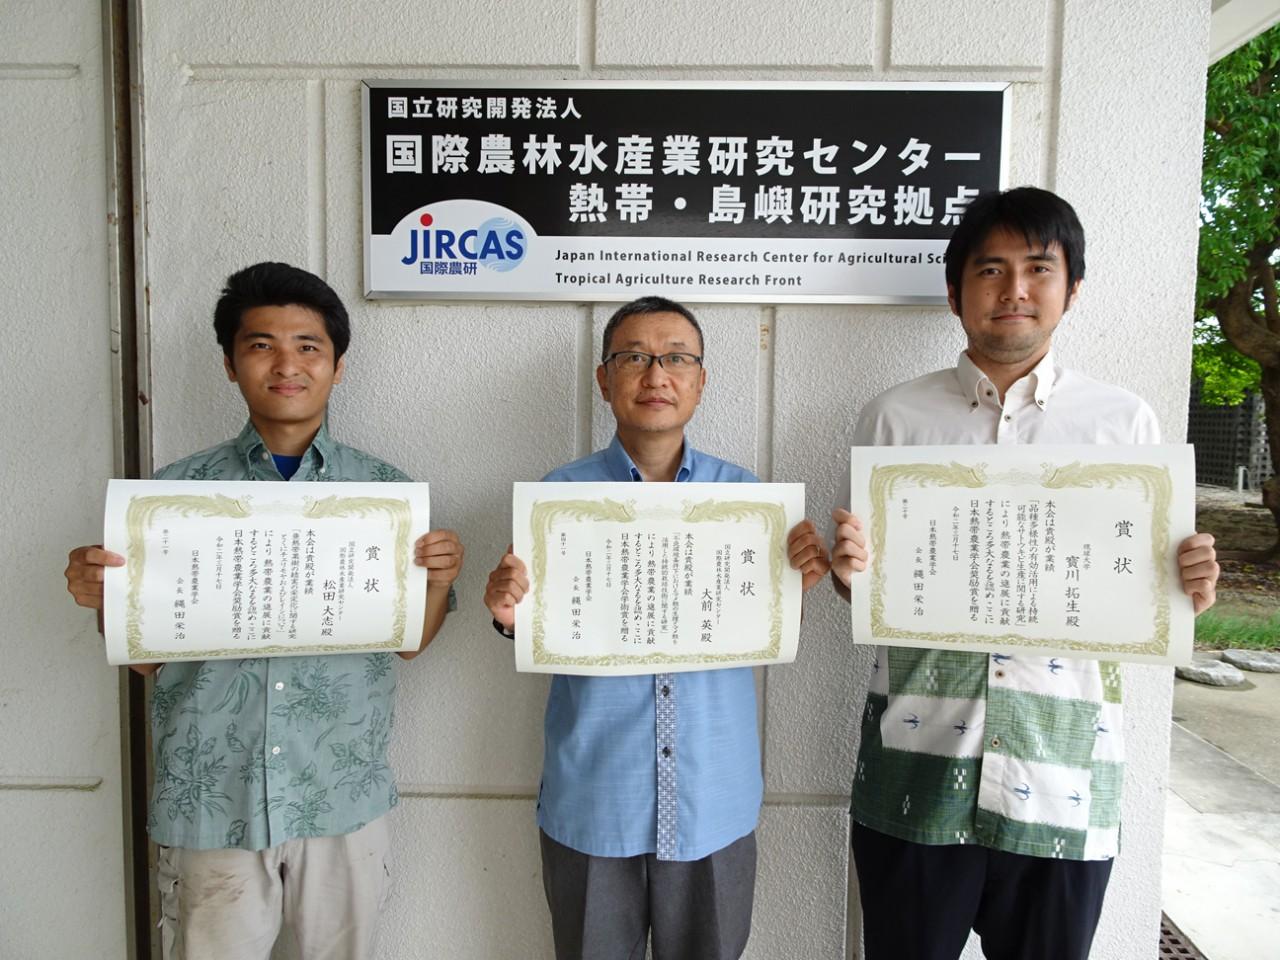 左から松田研究員 大前所長 寳川研究員